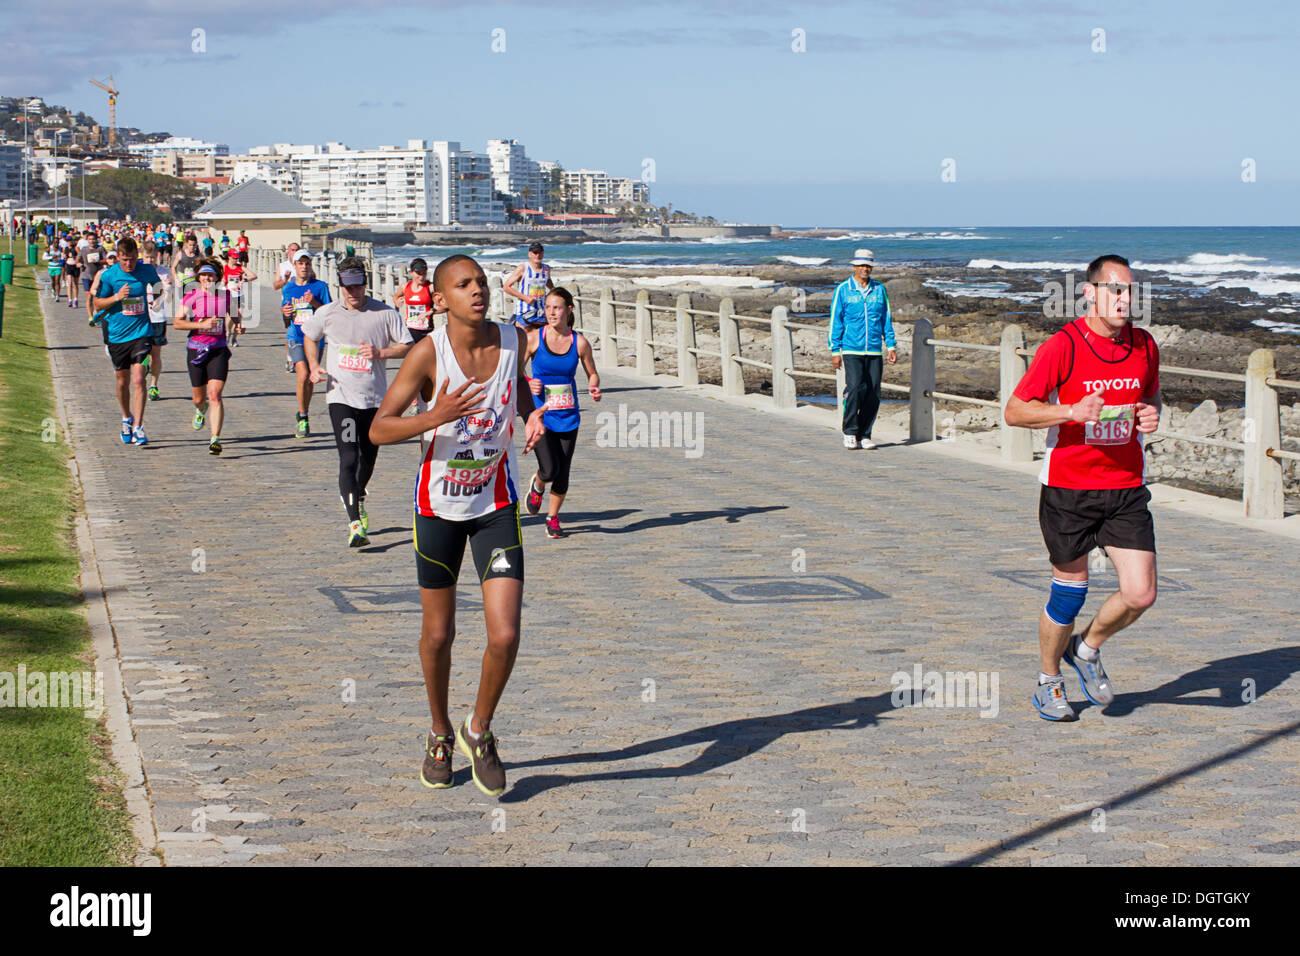 Les coureurs le long de la promenade seapoint Photo Stock